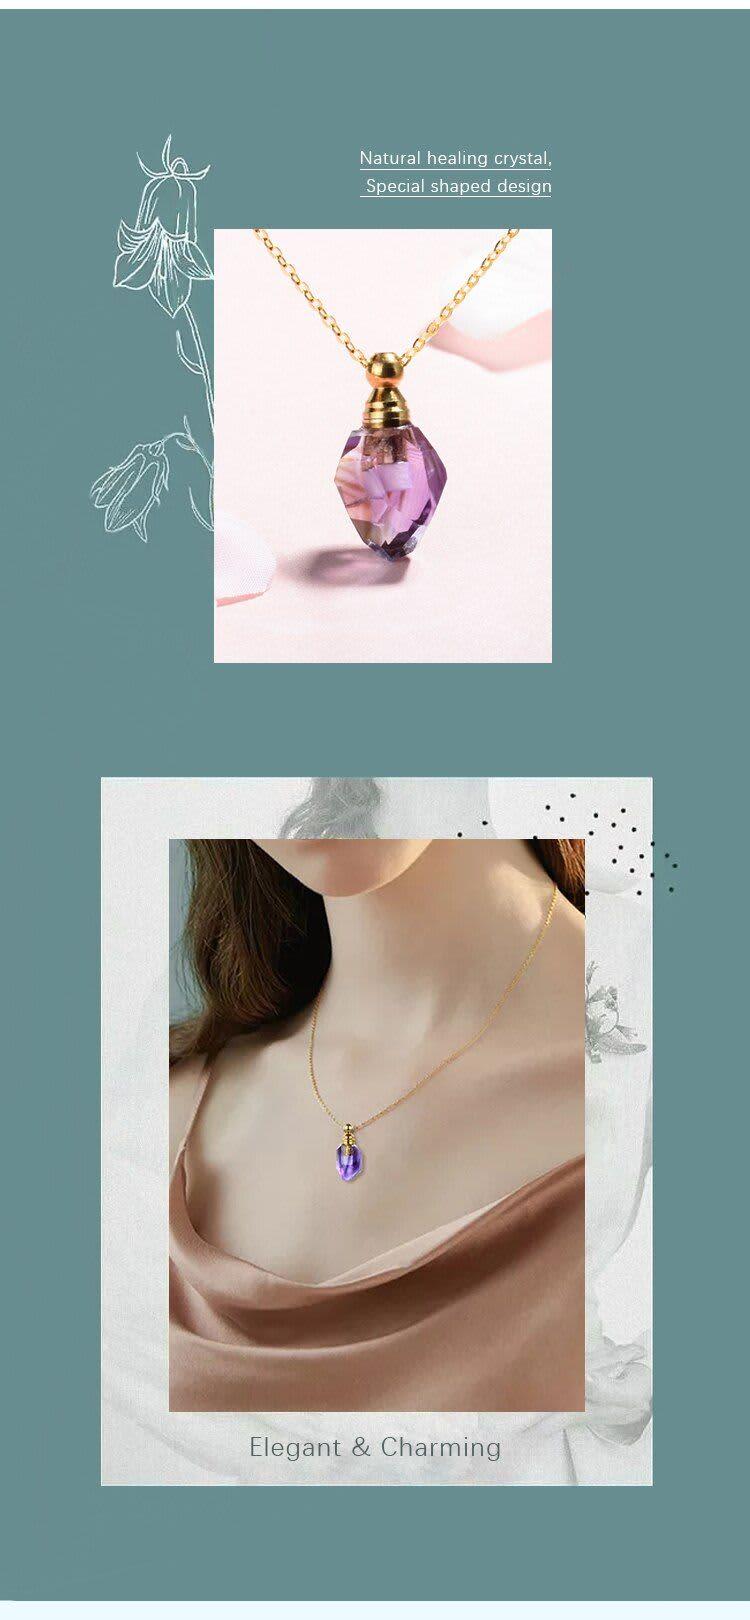 EUDORA-colgante o dije de piedra amatista púrpura Natural, colgante de cristal de cuarzo, difusor de aceite esencial, 5 uds.